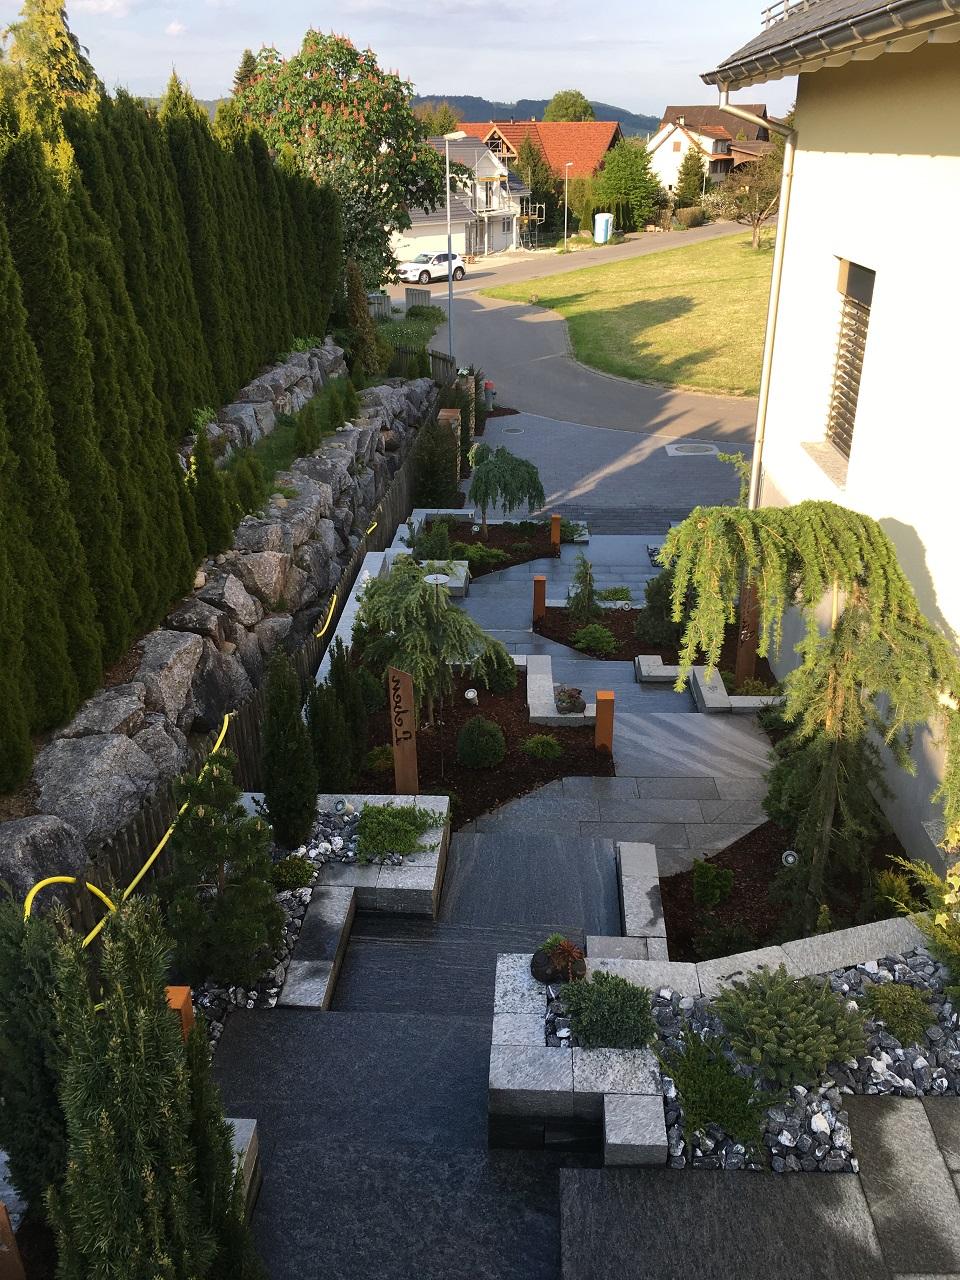 EFH Amlikon-Bissegg Kanton Thurgau mit Gartenpflege und Natur-Treppen, Naturwege